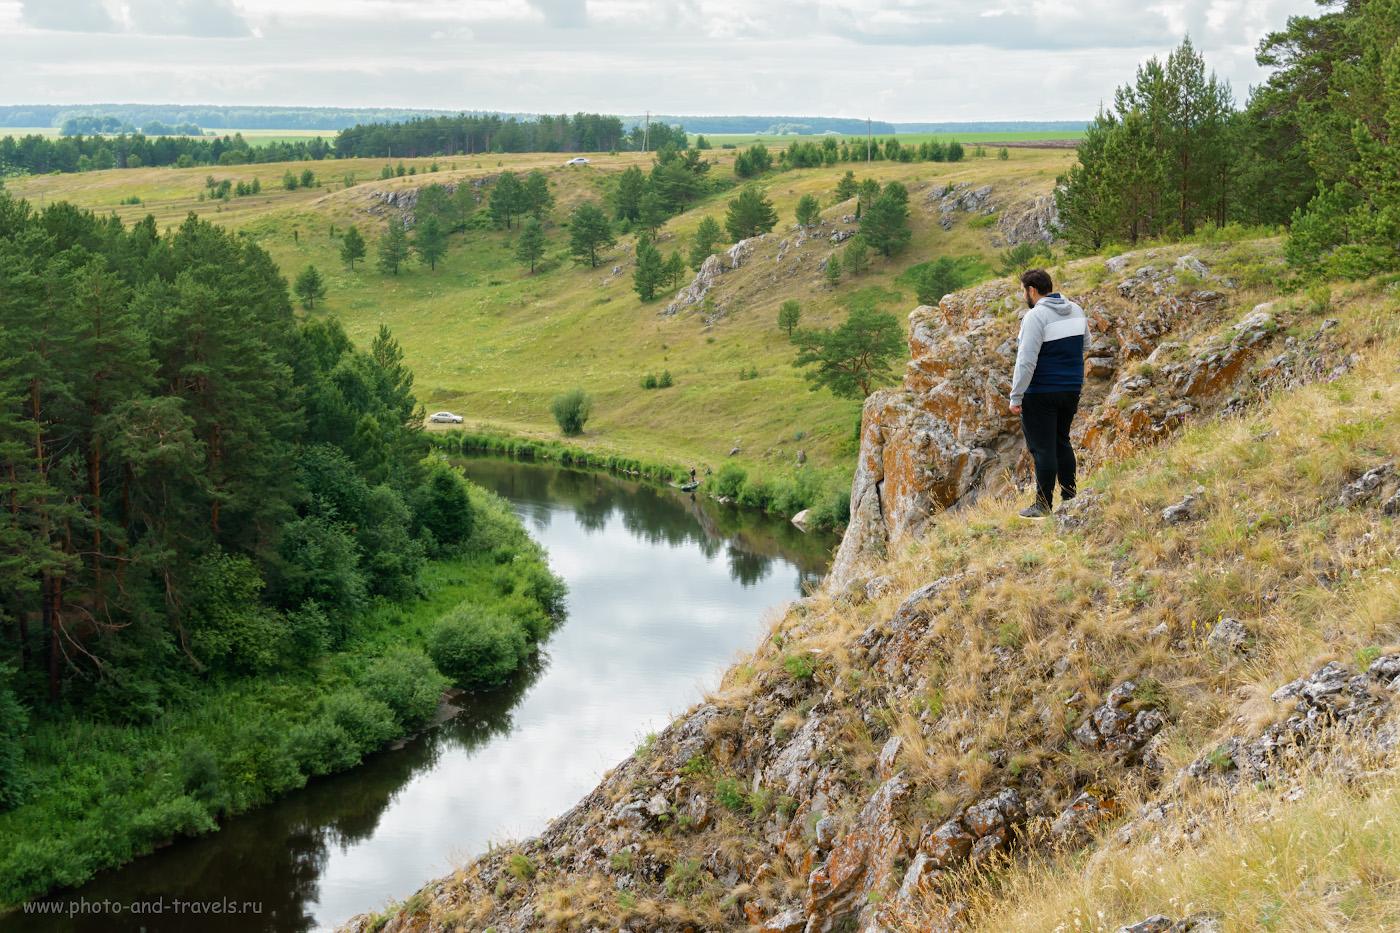 Фотография 4. Турист на скале Мантуров камень. Вид вверх по течению. 1/320, 7.1, 160, -0.3, 37.